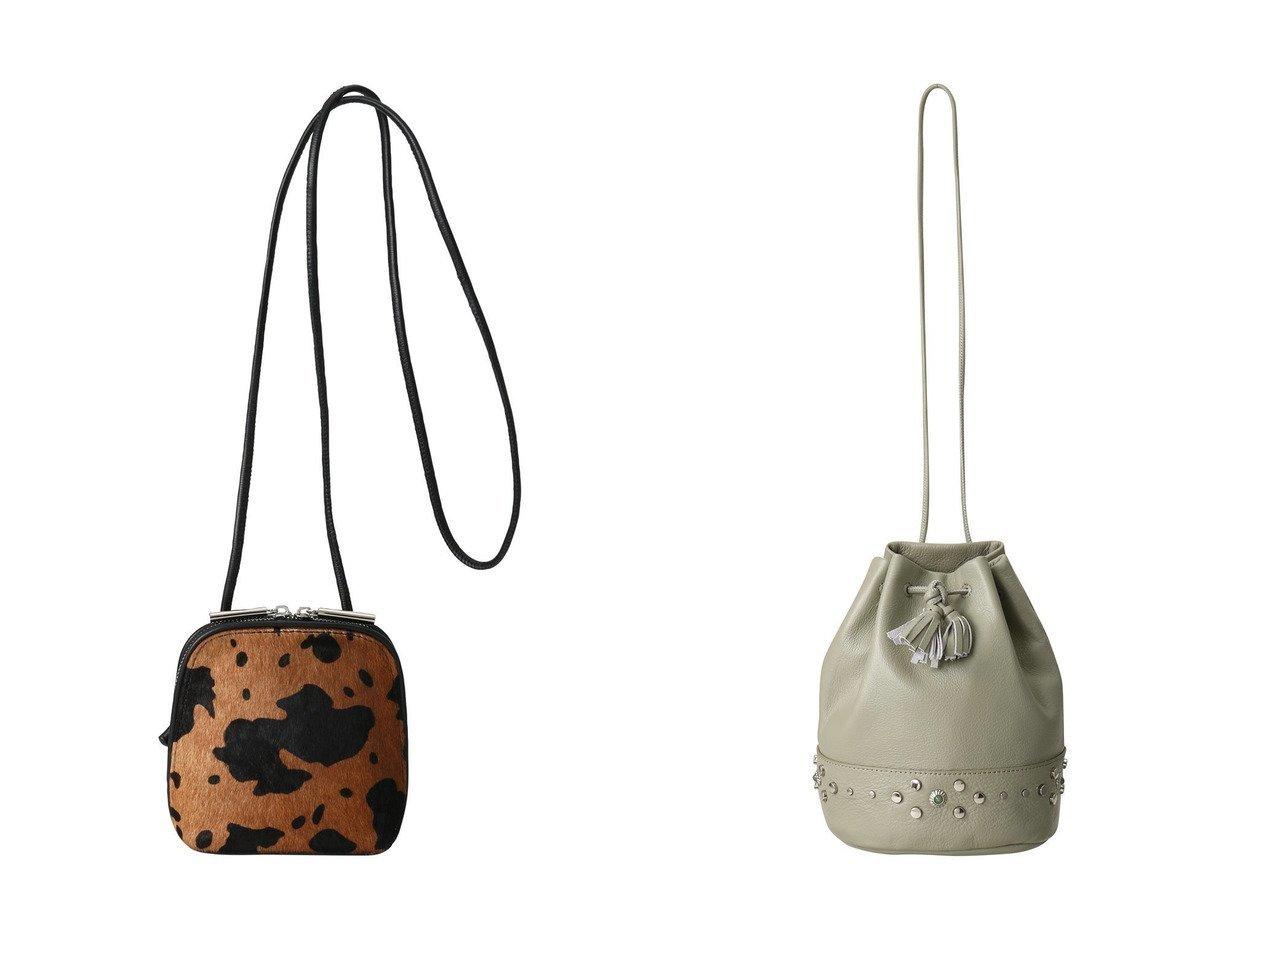 【ROSE BUD/ローズバッド】のミニポシェットショルダーバッグ&巾着ショルダーバッグ 【バッグ・鞄】おすすめ!人気、トレンド・レディースファッションの通販 おすすめで人気の流行・トレンド、ファッションの通販商品 インテリア・家具・メンズファッション・キッズファッション・レディースファッション・服の通販 founy(ファニー) https://founy.com/ ファッション Fashion レディースファッション WOMEN バッグ Bag 2020年 2020 2020-2021秋冬・A/W AW・Autumn/Winter・FW・Fall-Winter/2020-2021 2021年 2021 2021-2022秋冬・A/W AW・Autumn/Winter・FW・Fall-Winter・2021-2022 A/W・秋冬 AW・Autumn/Winter・FW・Fall-Winter アニマル ショルダー ジップ パーティ ポケット ポシェット コンパクト スタッズ タッセル バケツ 巾着  ID:crp329100000065234